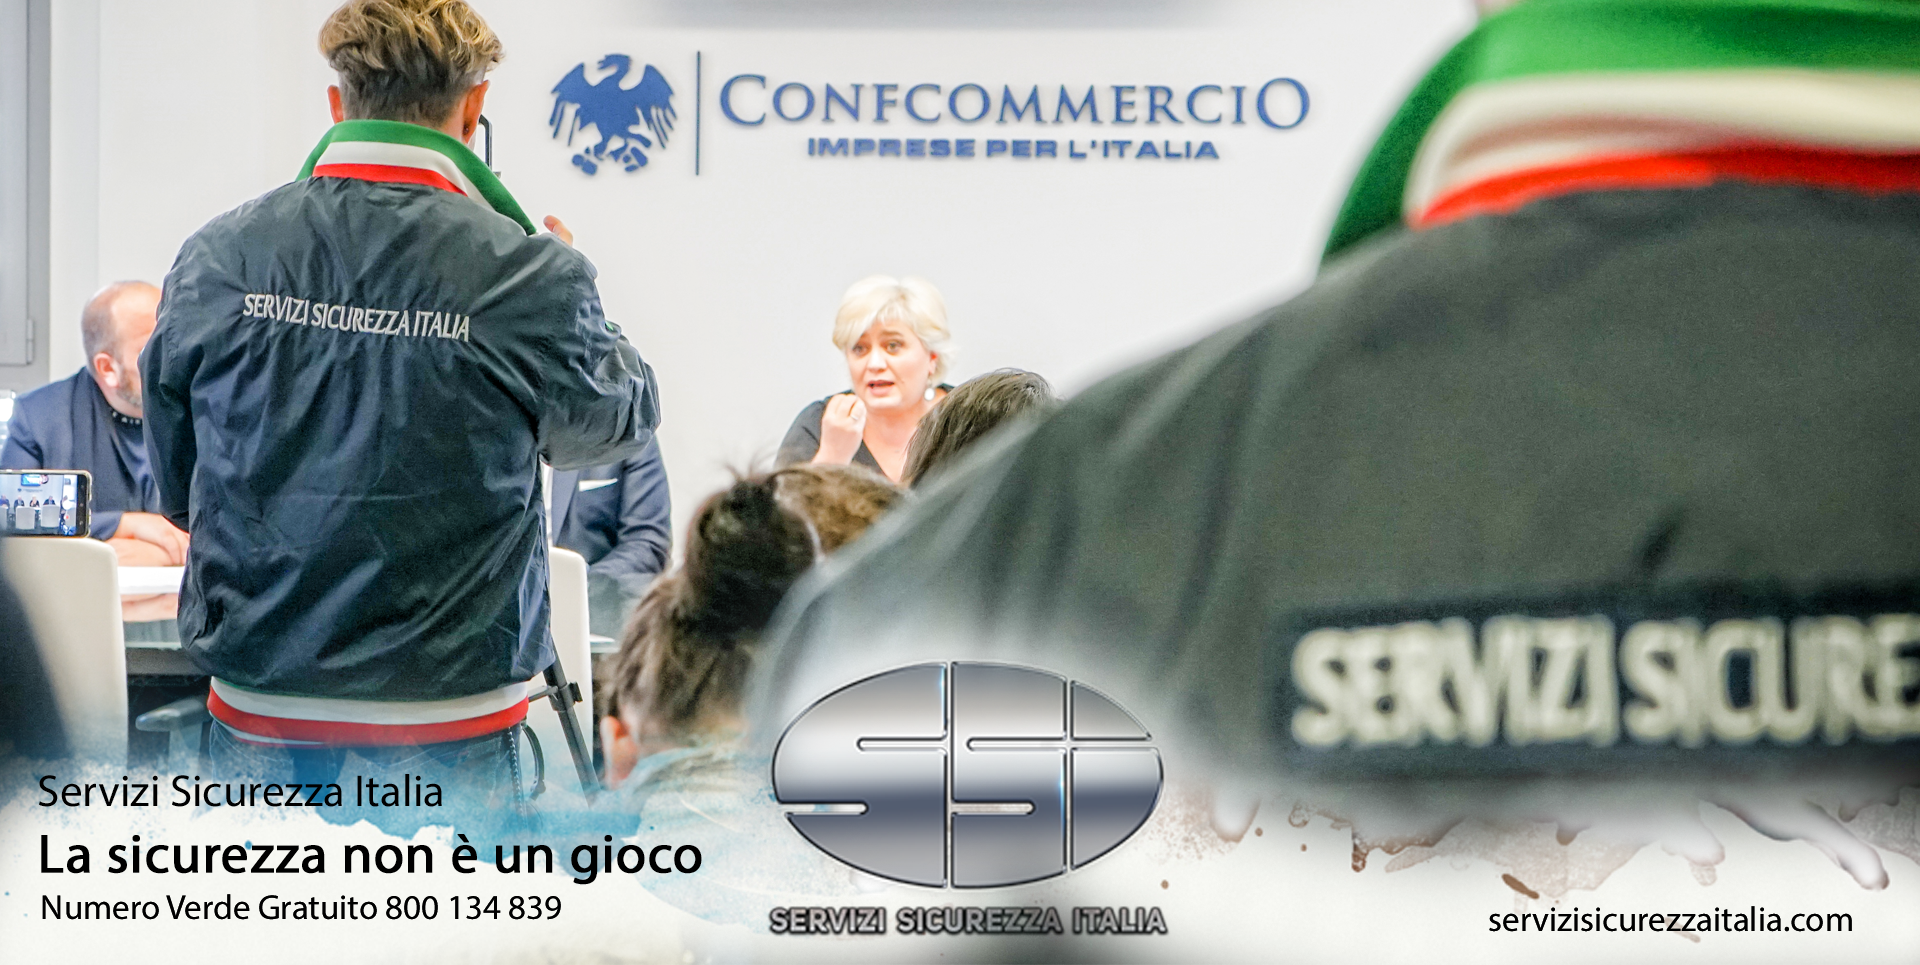 Servizi Sicurezza Italia Poviglio servizi sicurezza italia corsi di formazione professionale